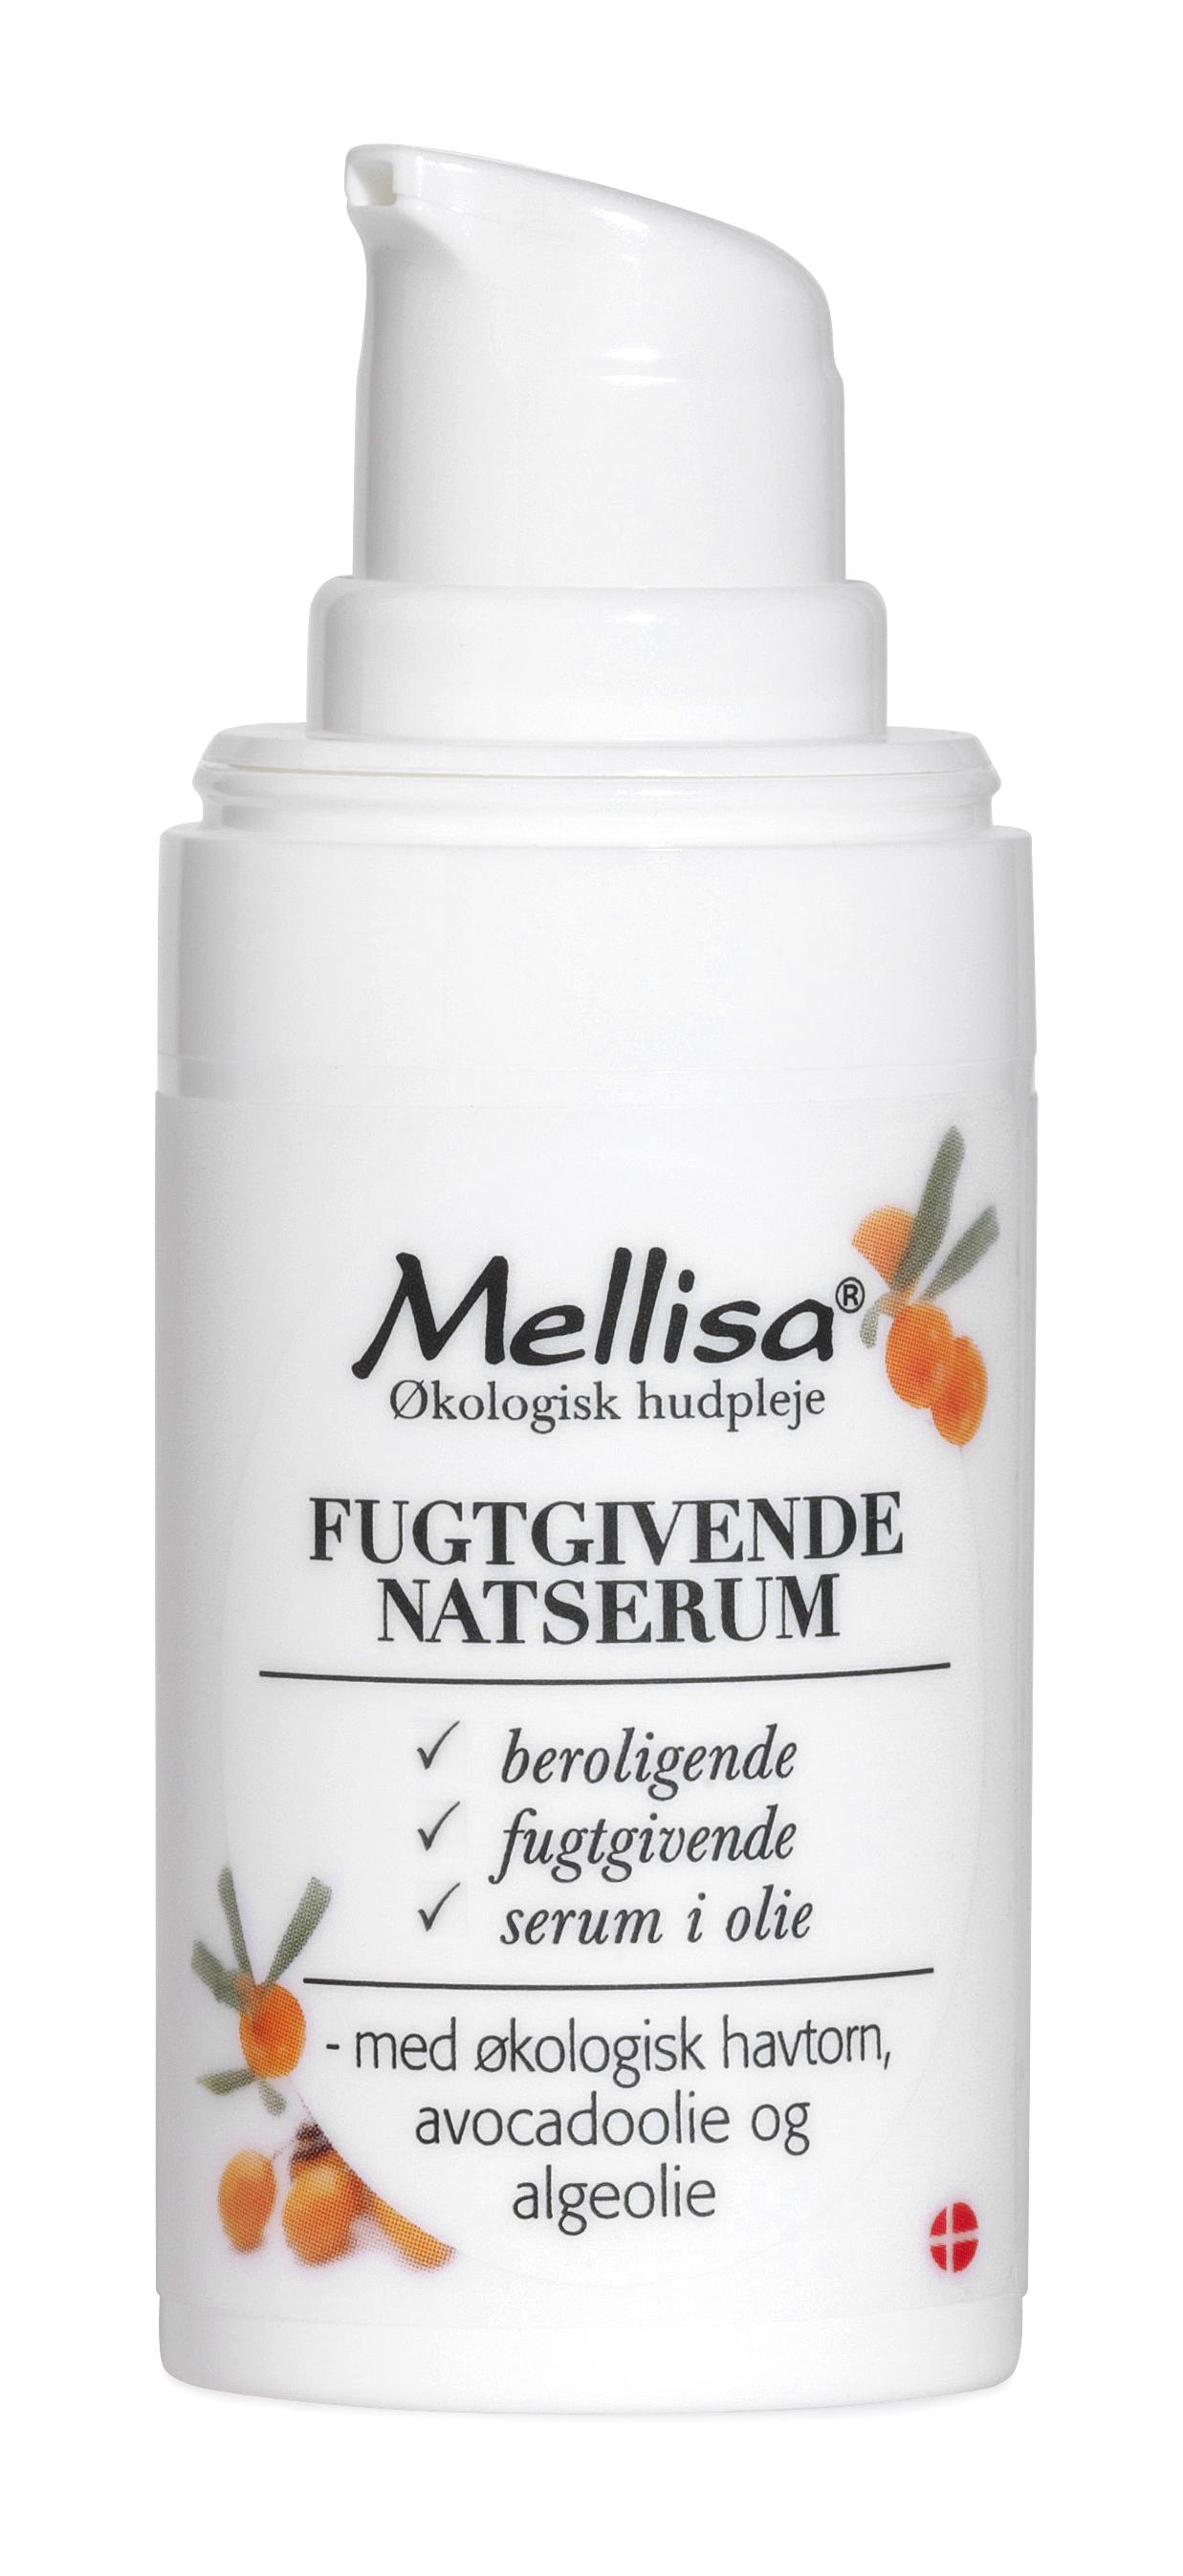 Billede af Mellisa Fugtgivende Natserum m. hybenkerne, havtorn, kæmpenatlys - 15 ml